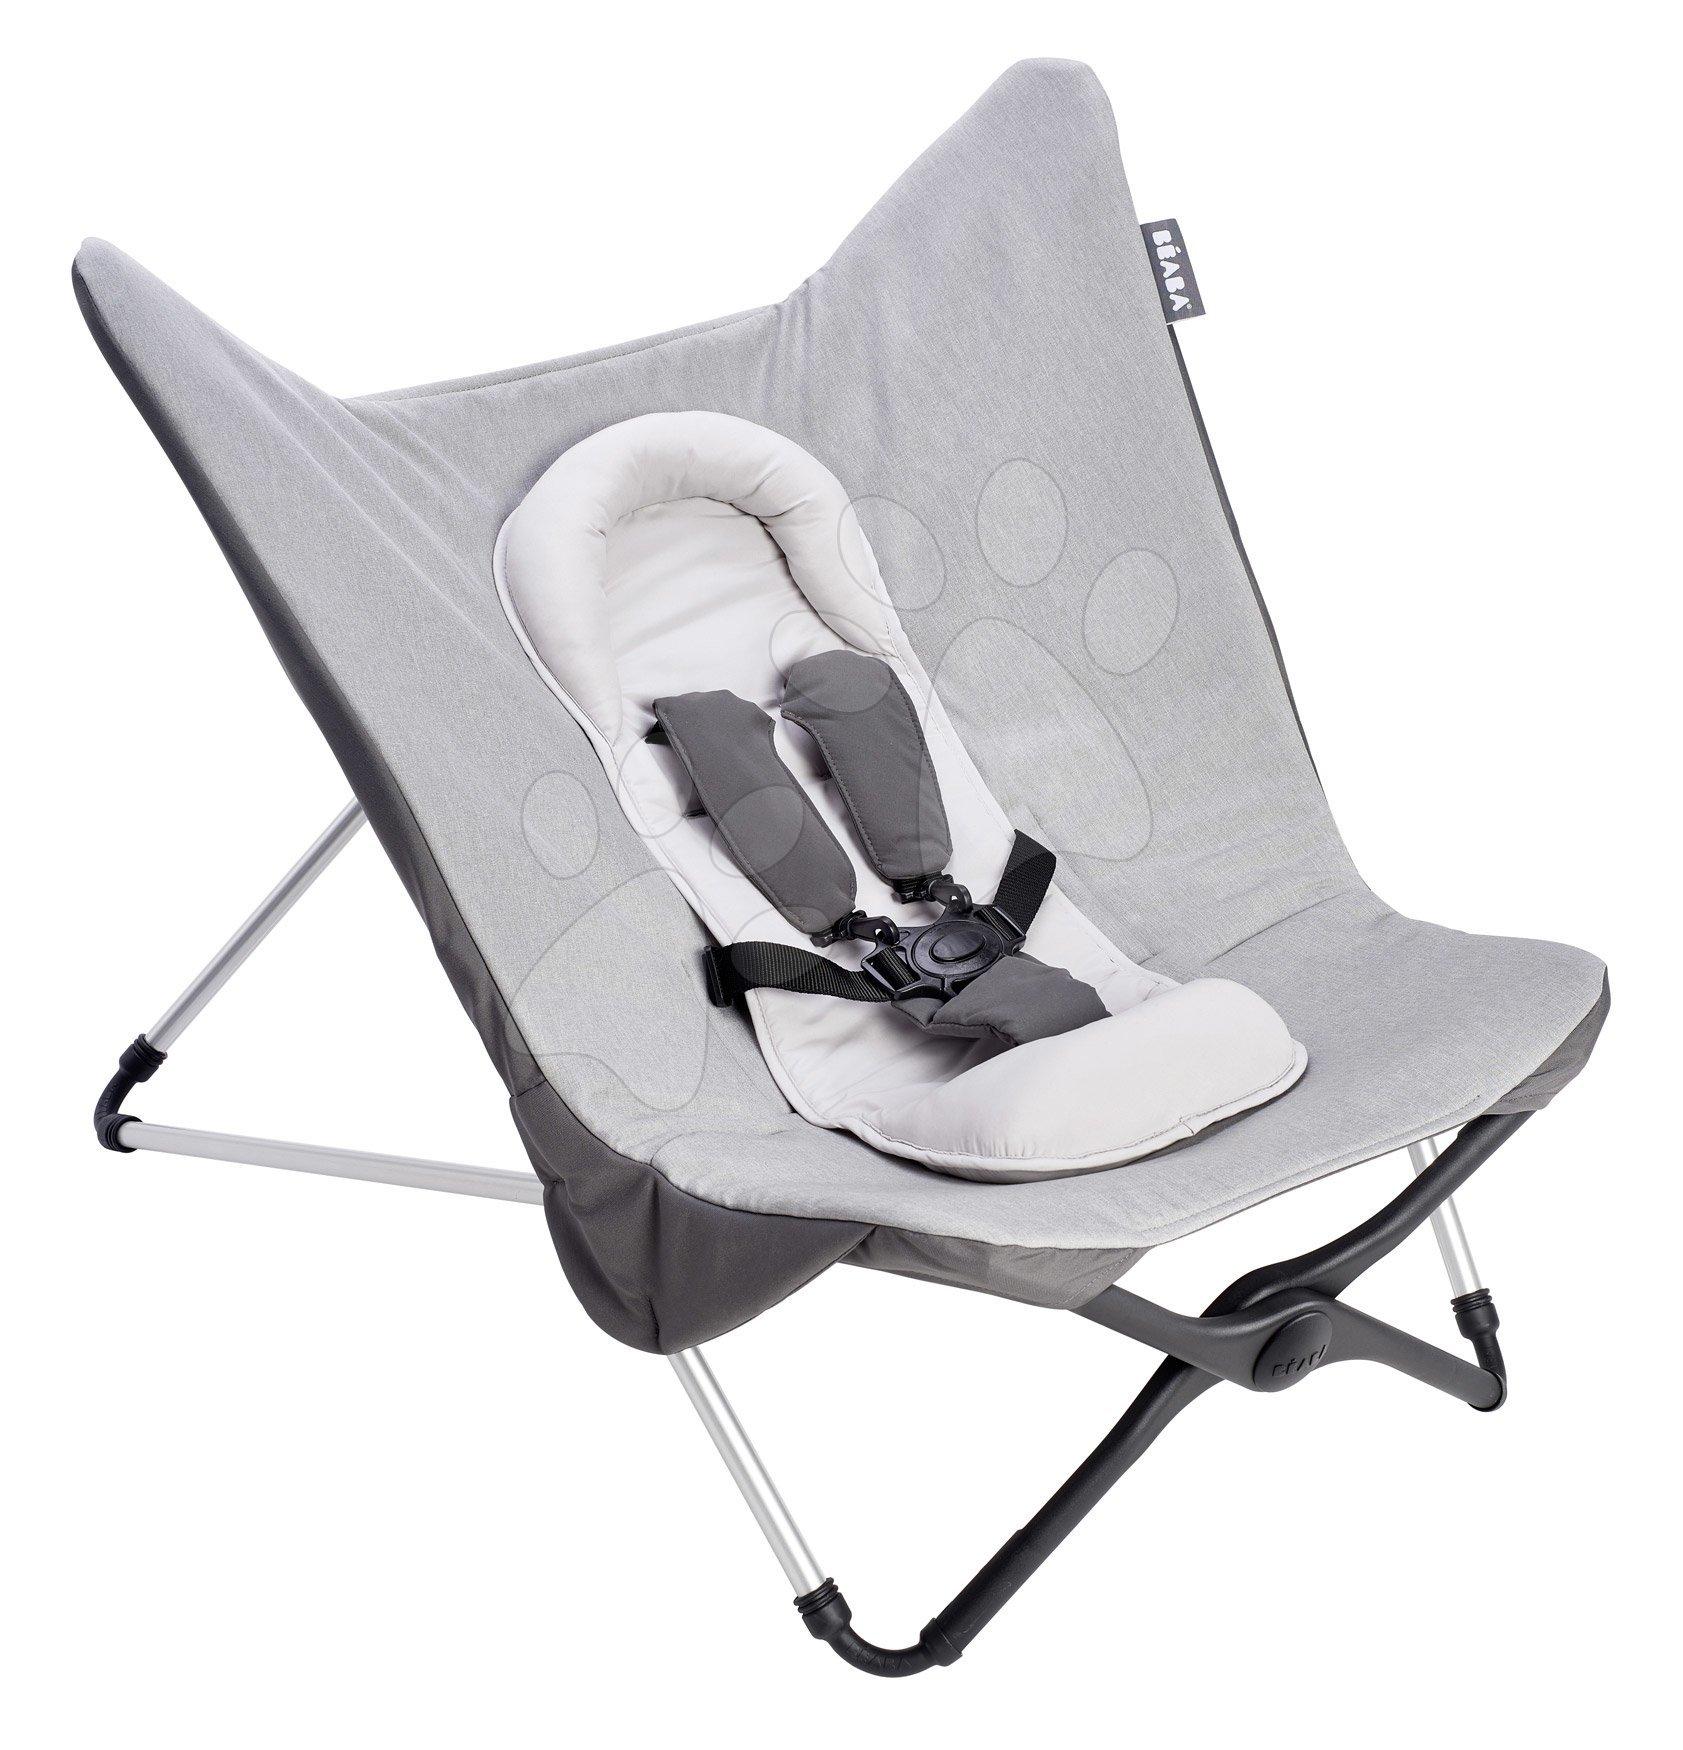 Dojčenské lehátko Evolutive Compact Baby Seat II Beaba Heather Grey šedé skladacie od 0 mes